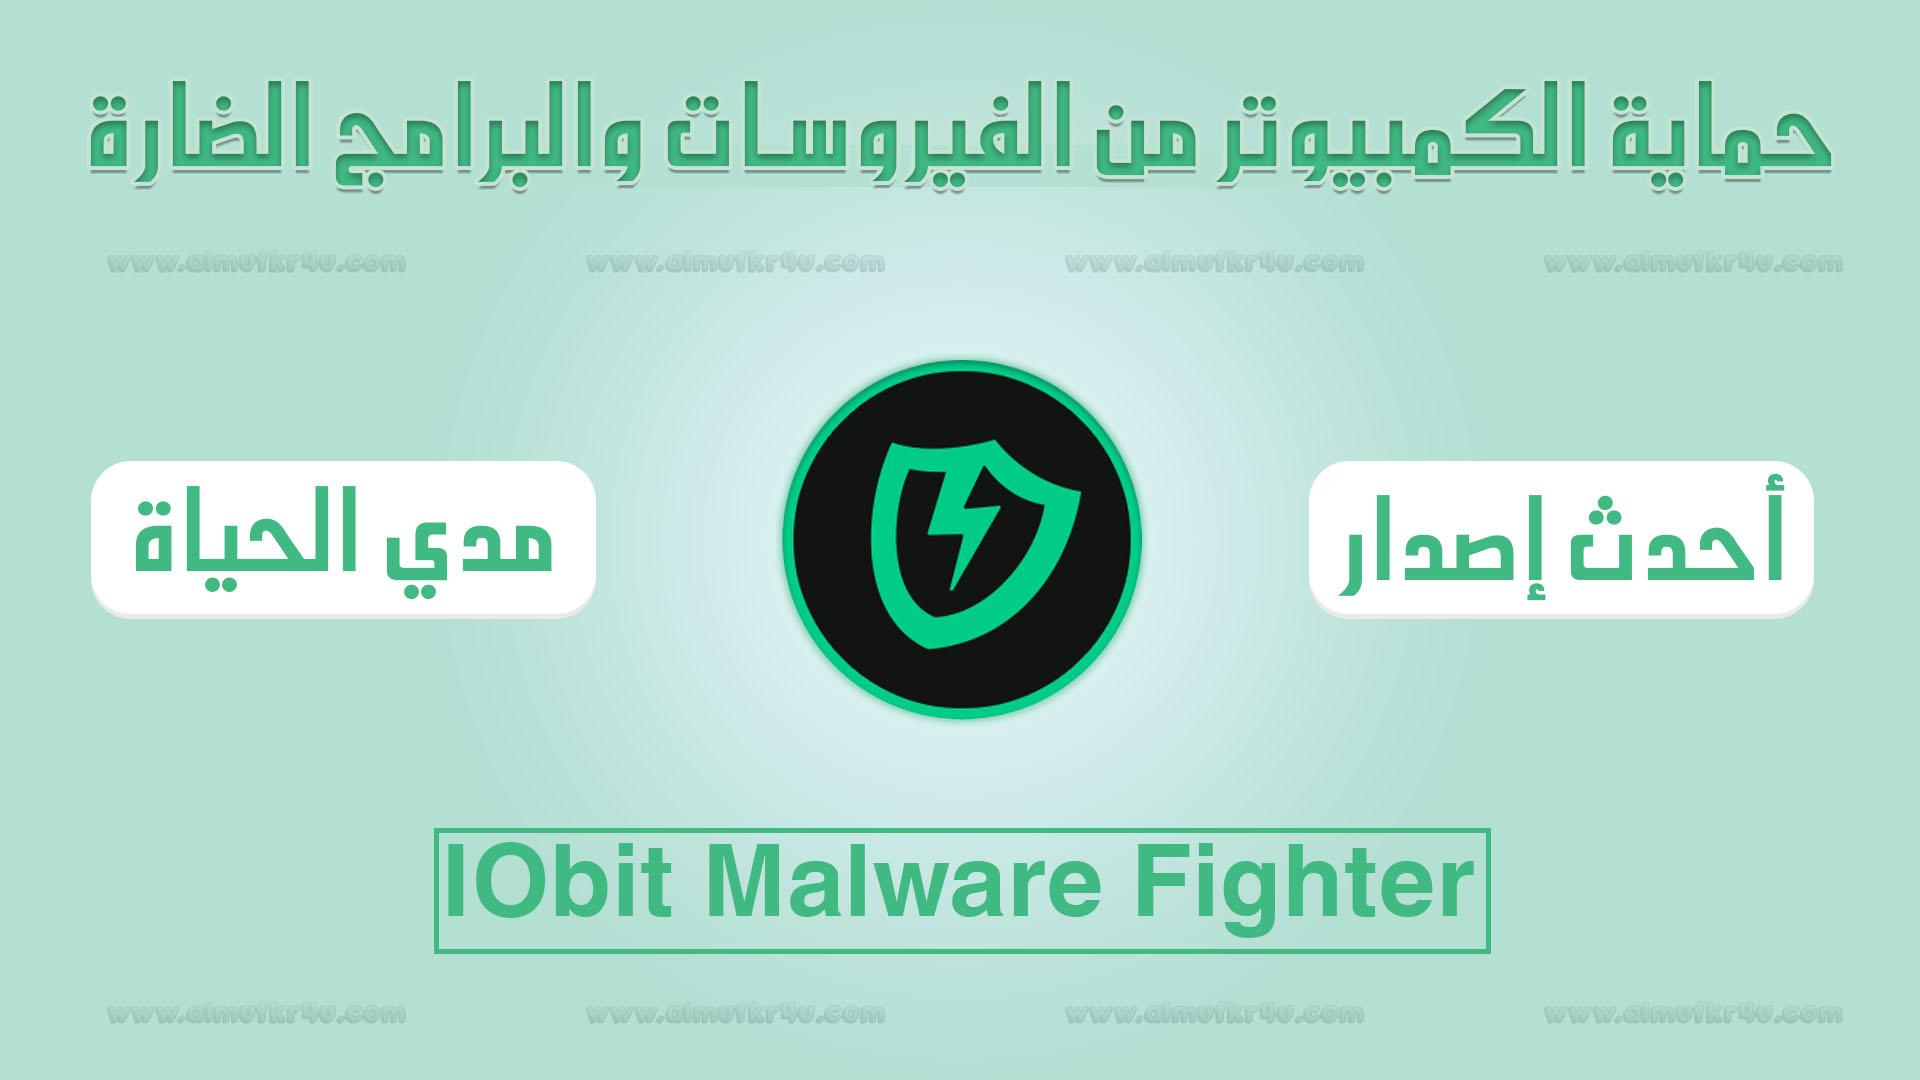 برنامج IObit Malware Fighter حماية شاملة للكمبيوتر الشخصي مع ميزة قوية لمكافحة البرامج الضارة وتأمين الخصوصية